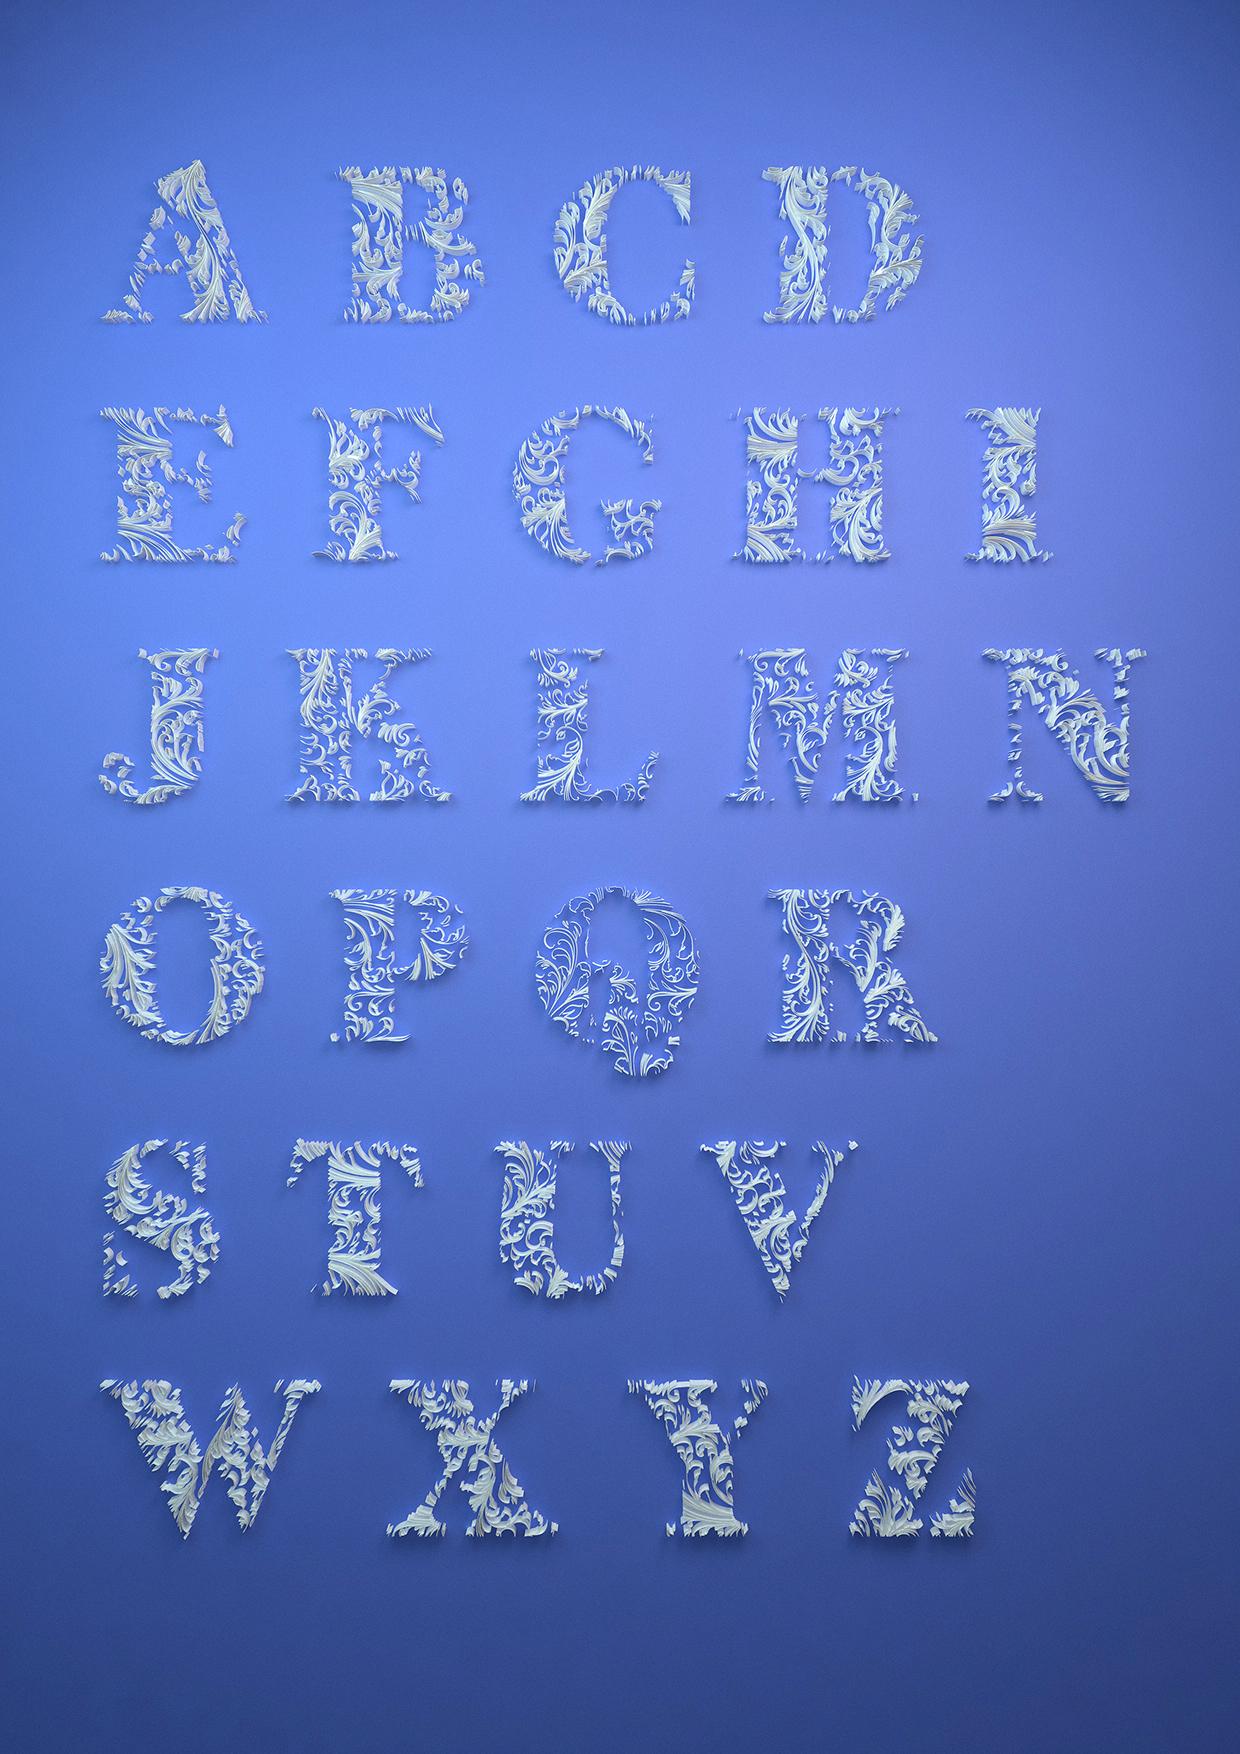 Inspiration_Travaux_typographiques_3D_digital_art_32